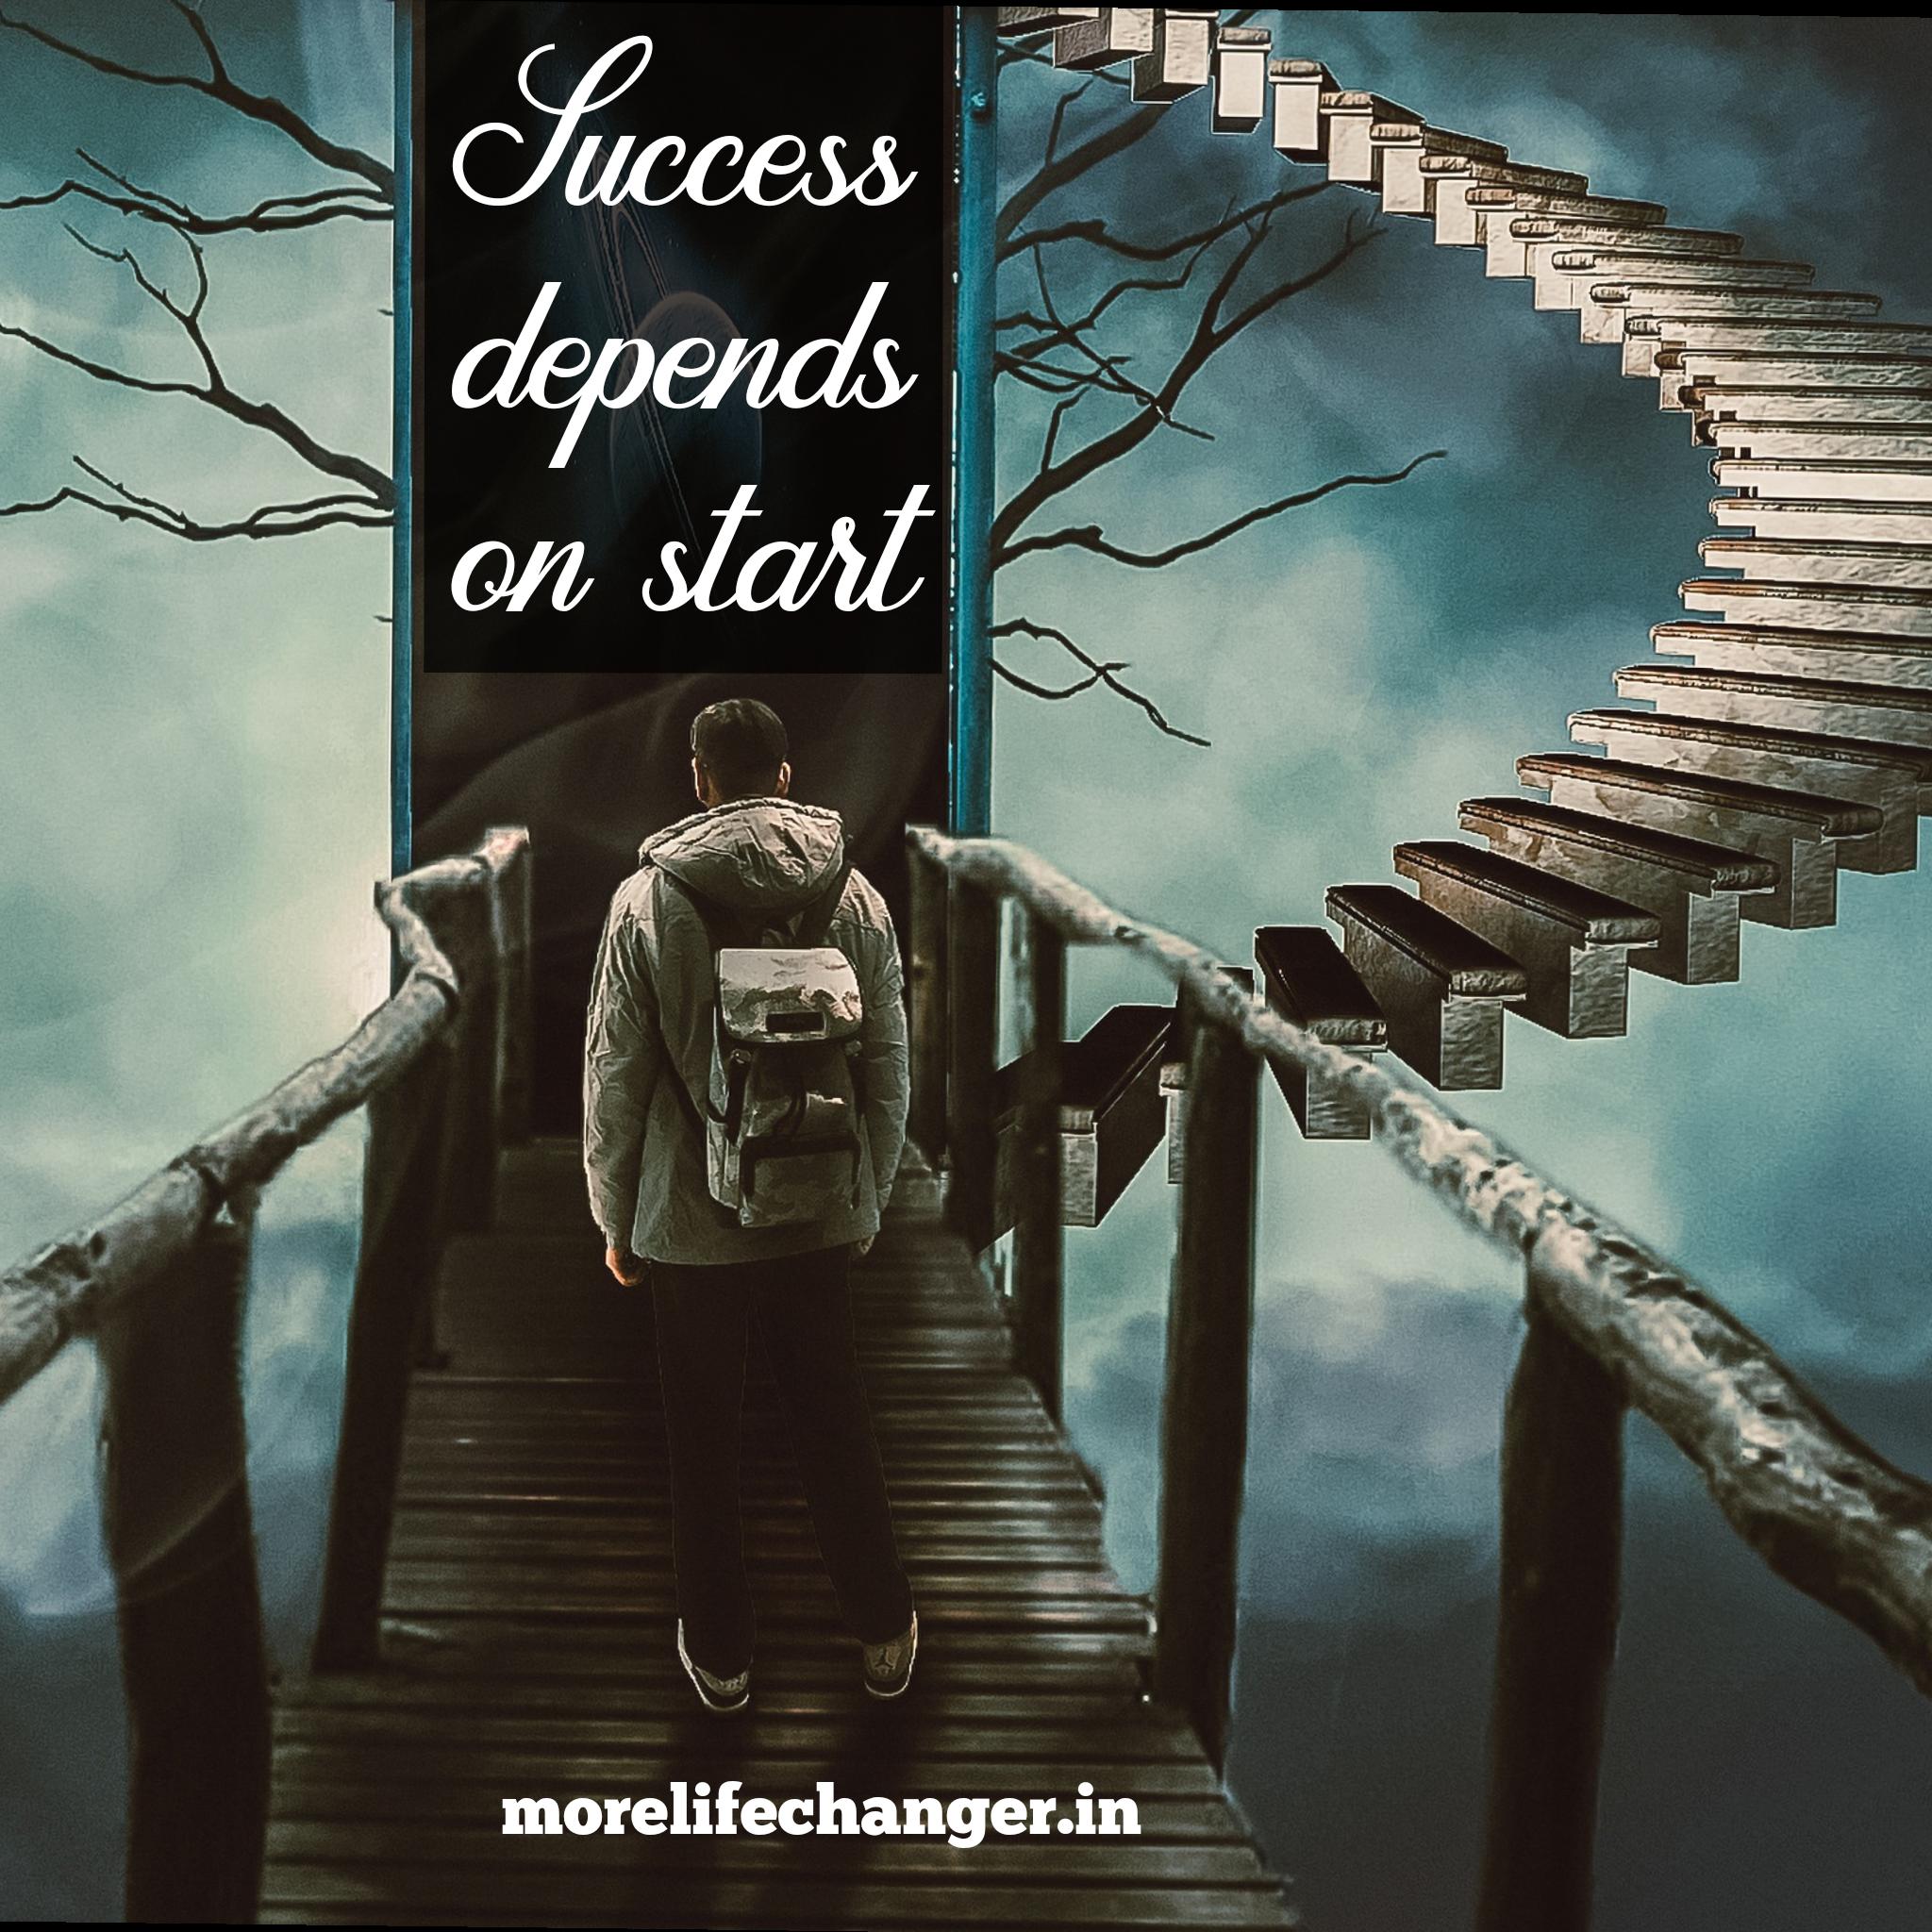 Success depends on start